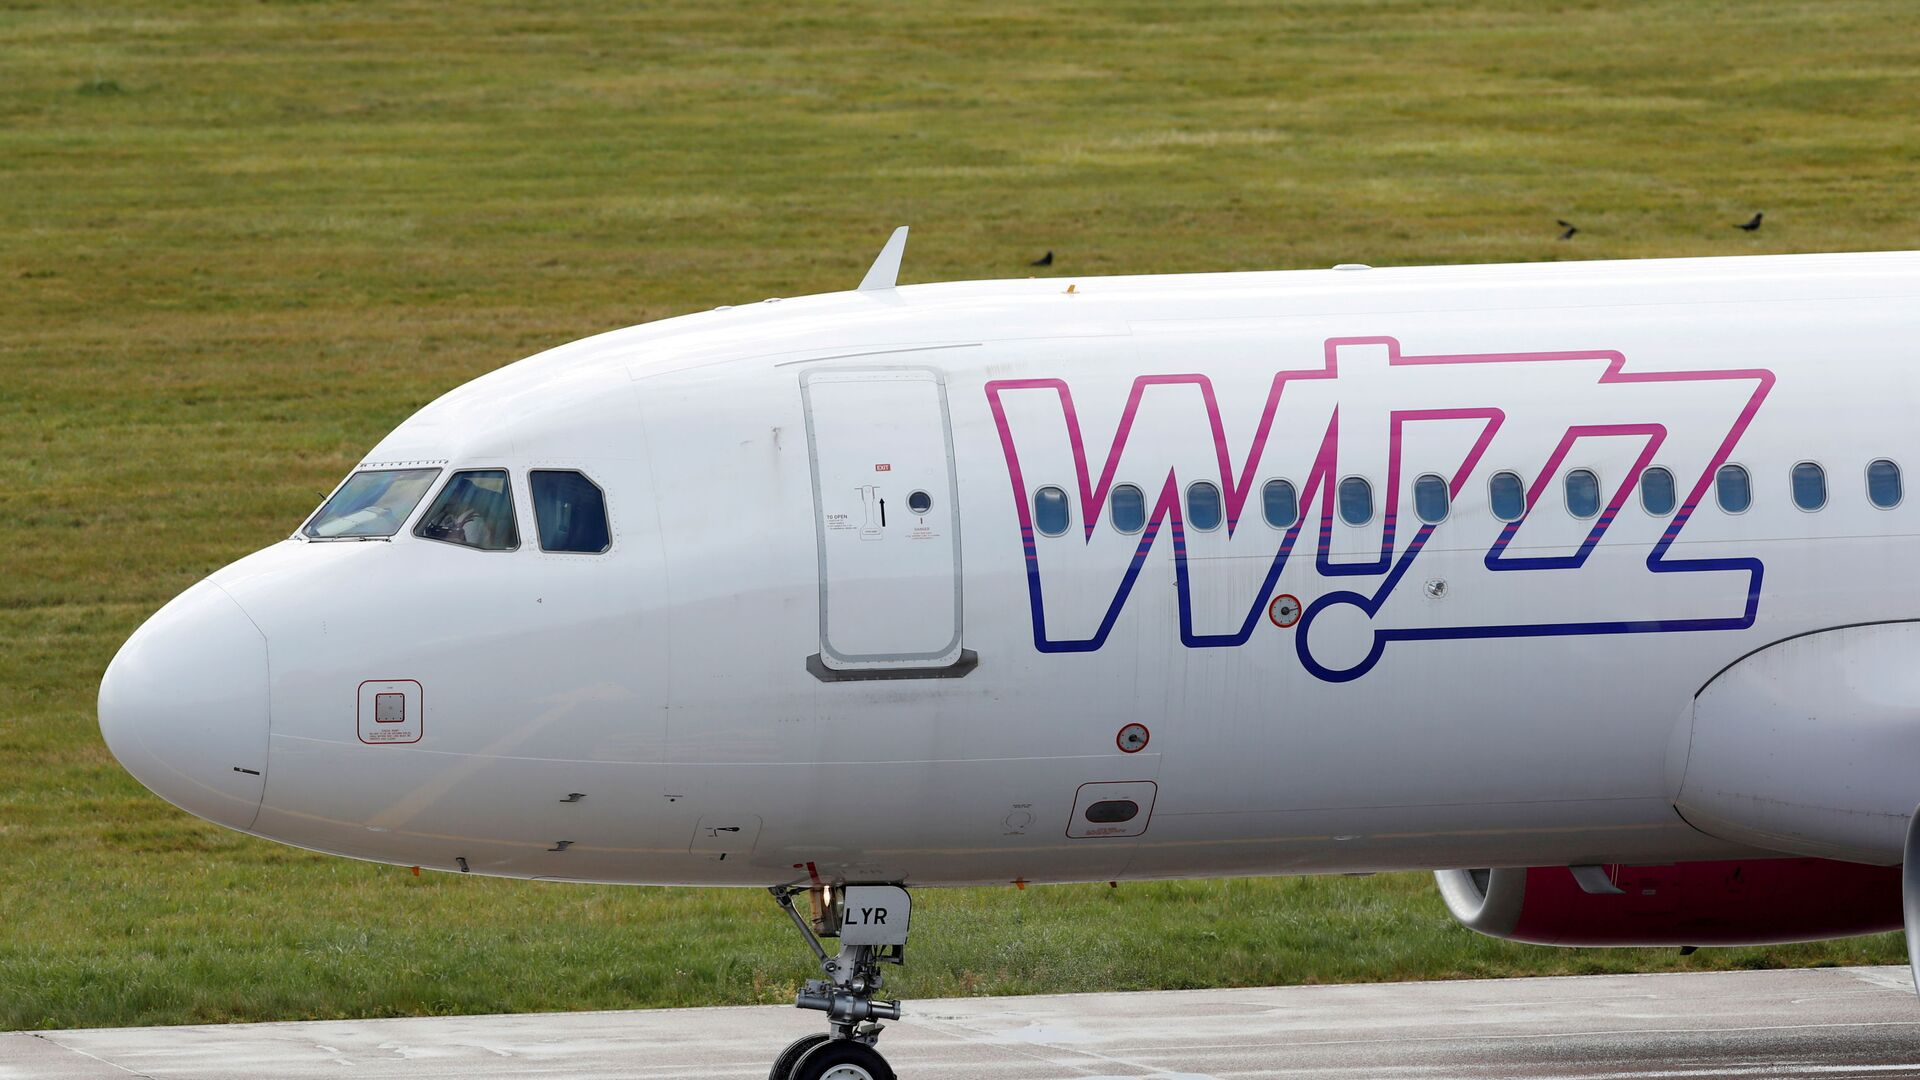 Samolot linii lotniczej Wizz Air - Sputnik Polska, 1920, 02.06.2021